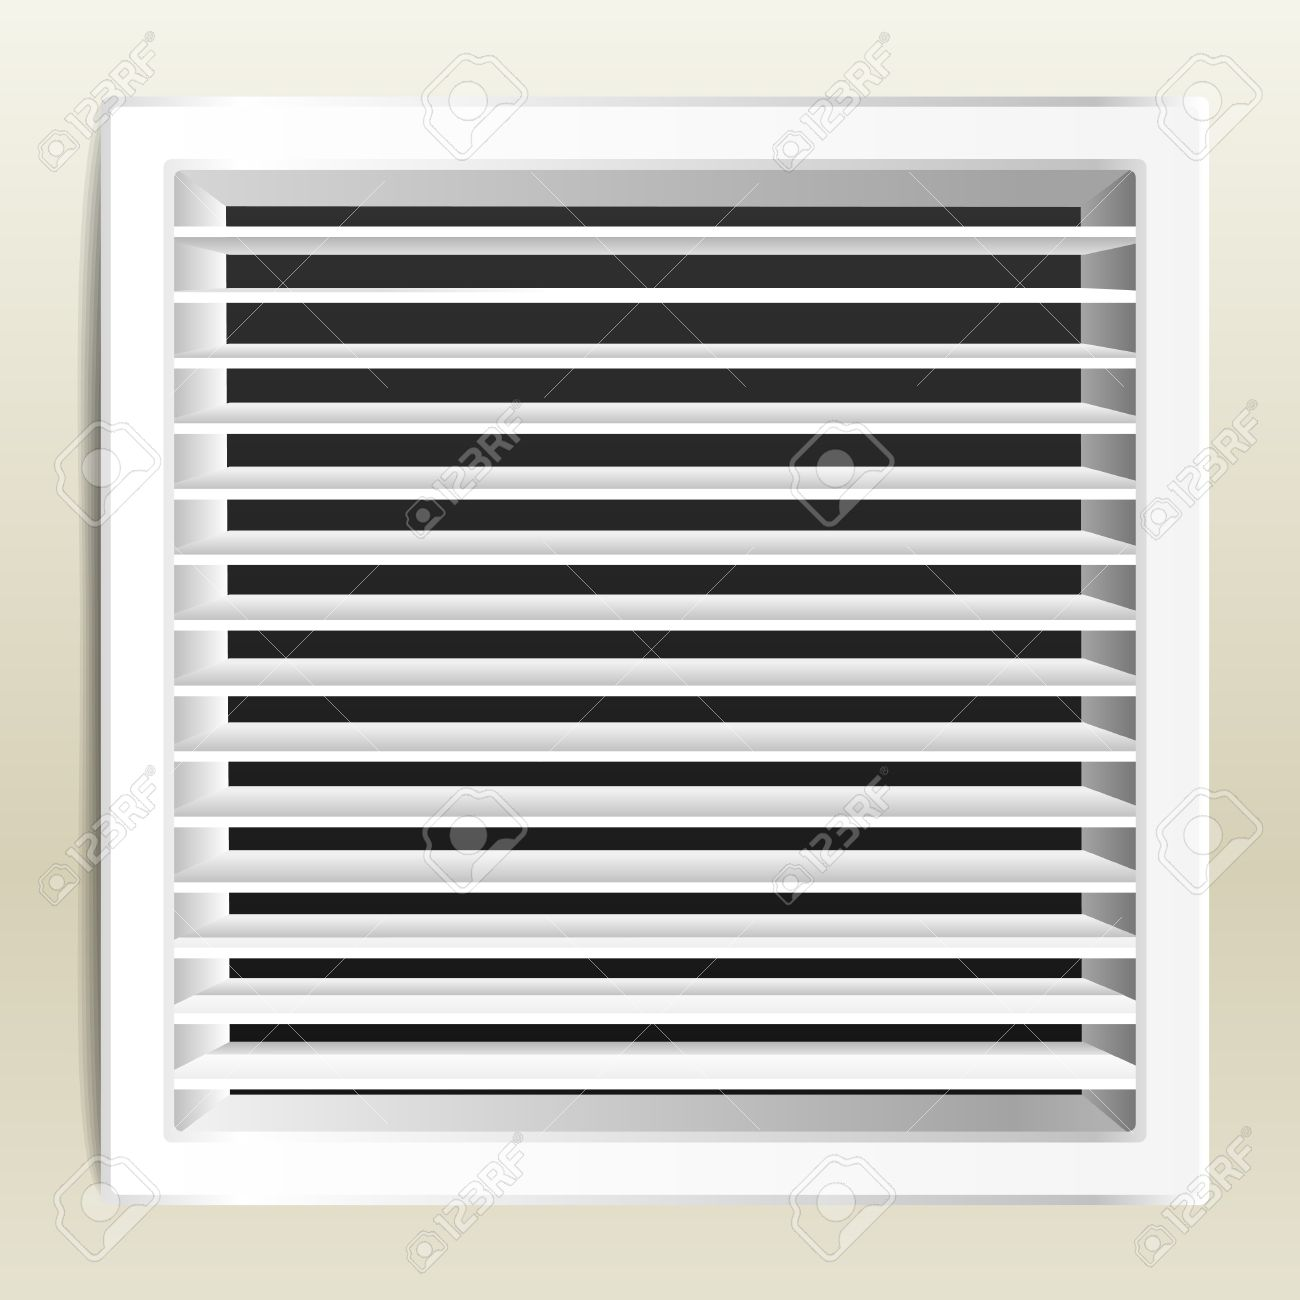 Bathroom Ventilation photo realistic bathroom ventilation window. royalty free cliparts